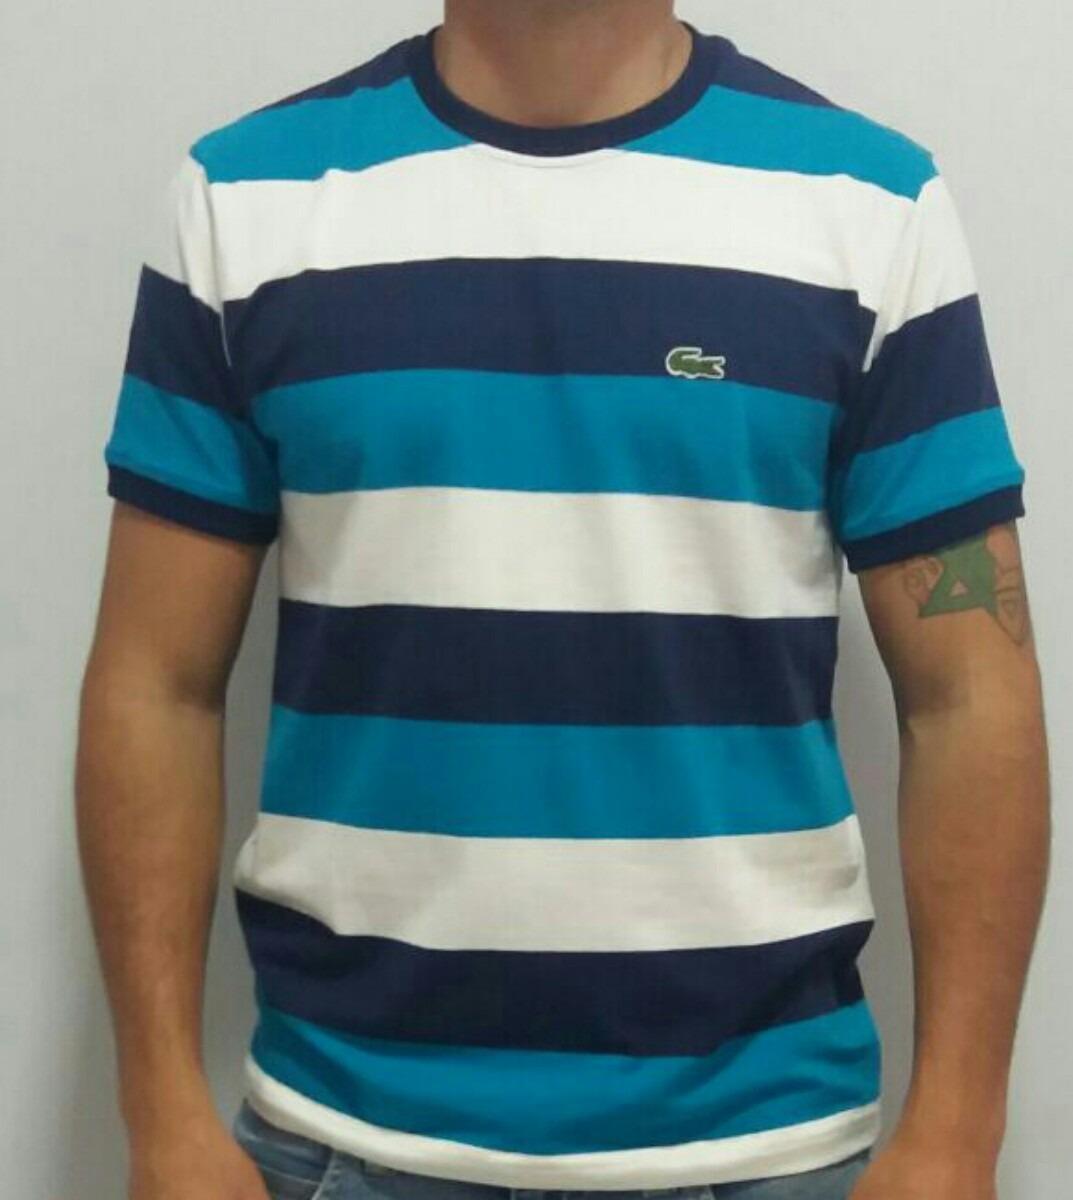 Camisa Lacoste Listrada Original R 119 90 Em Mercado Livre